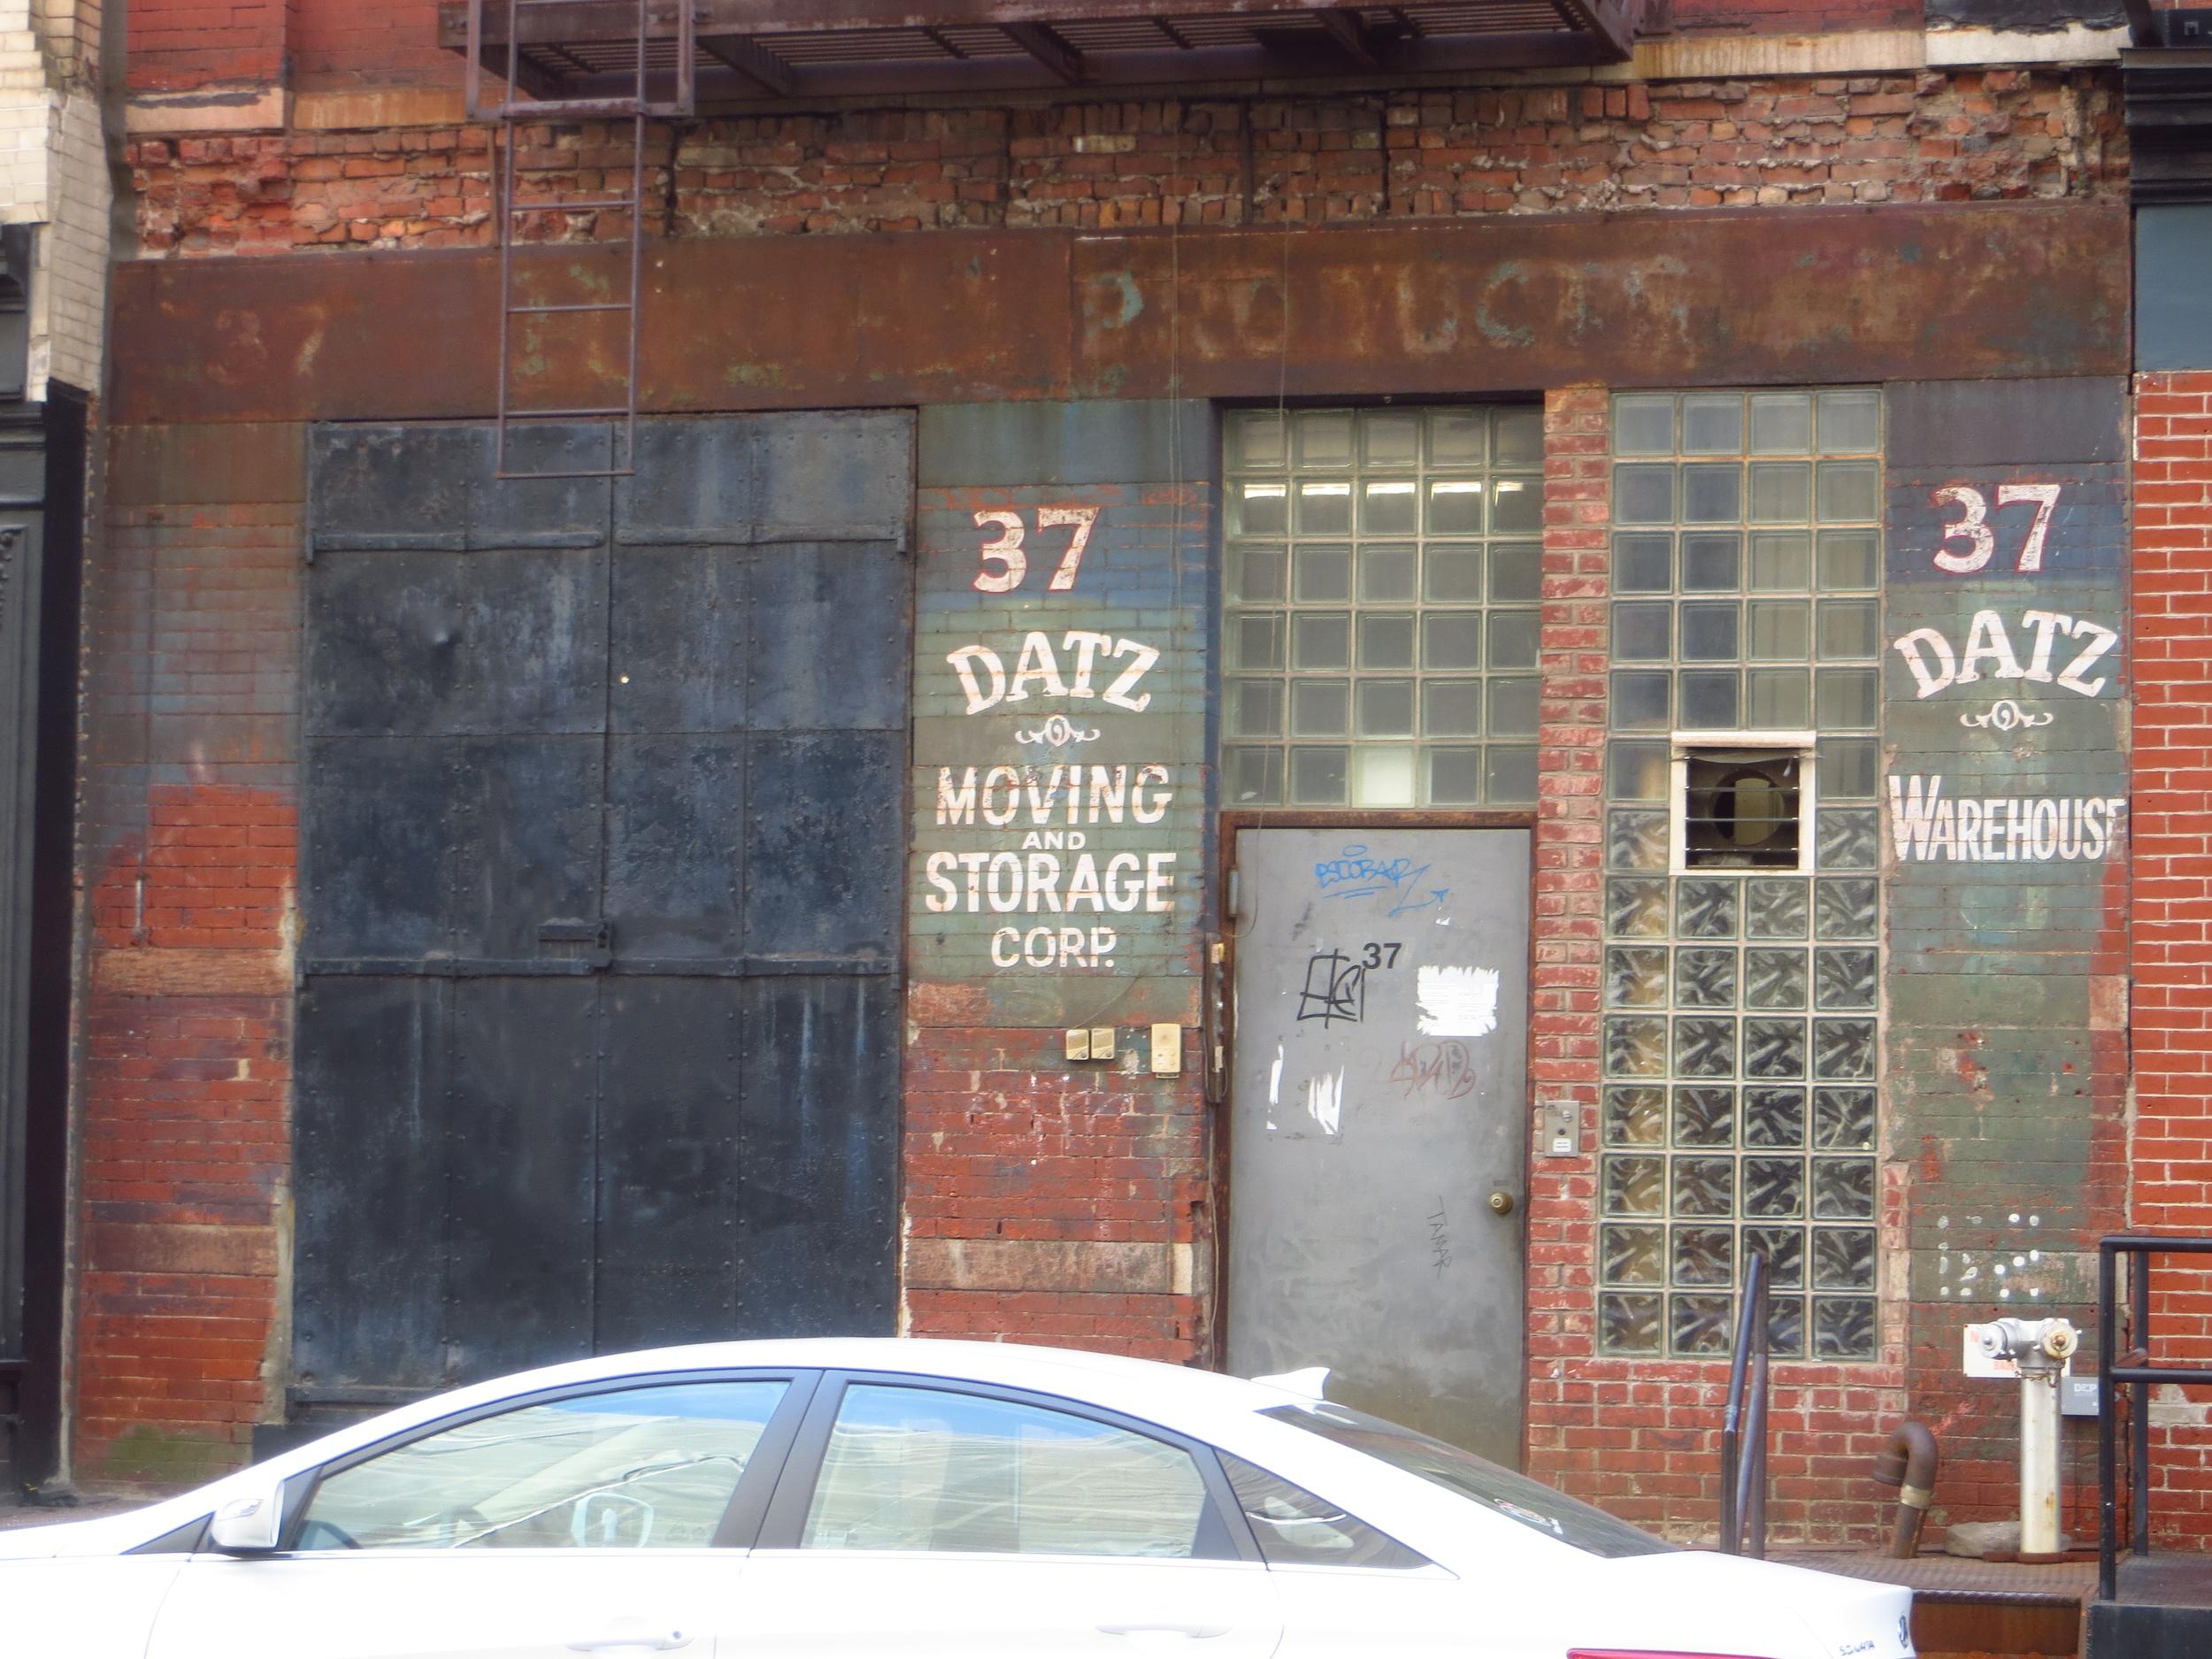 Datz-a Warehouse